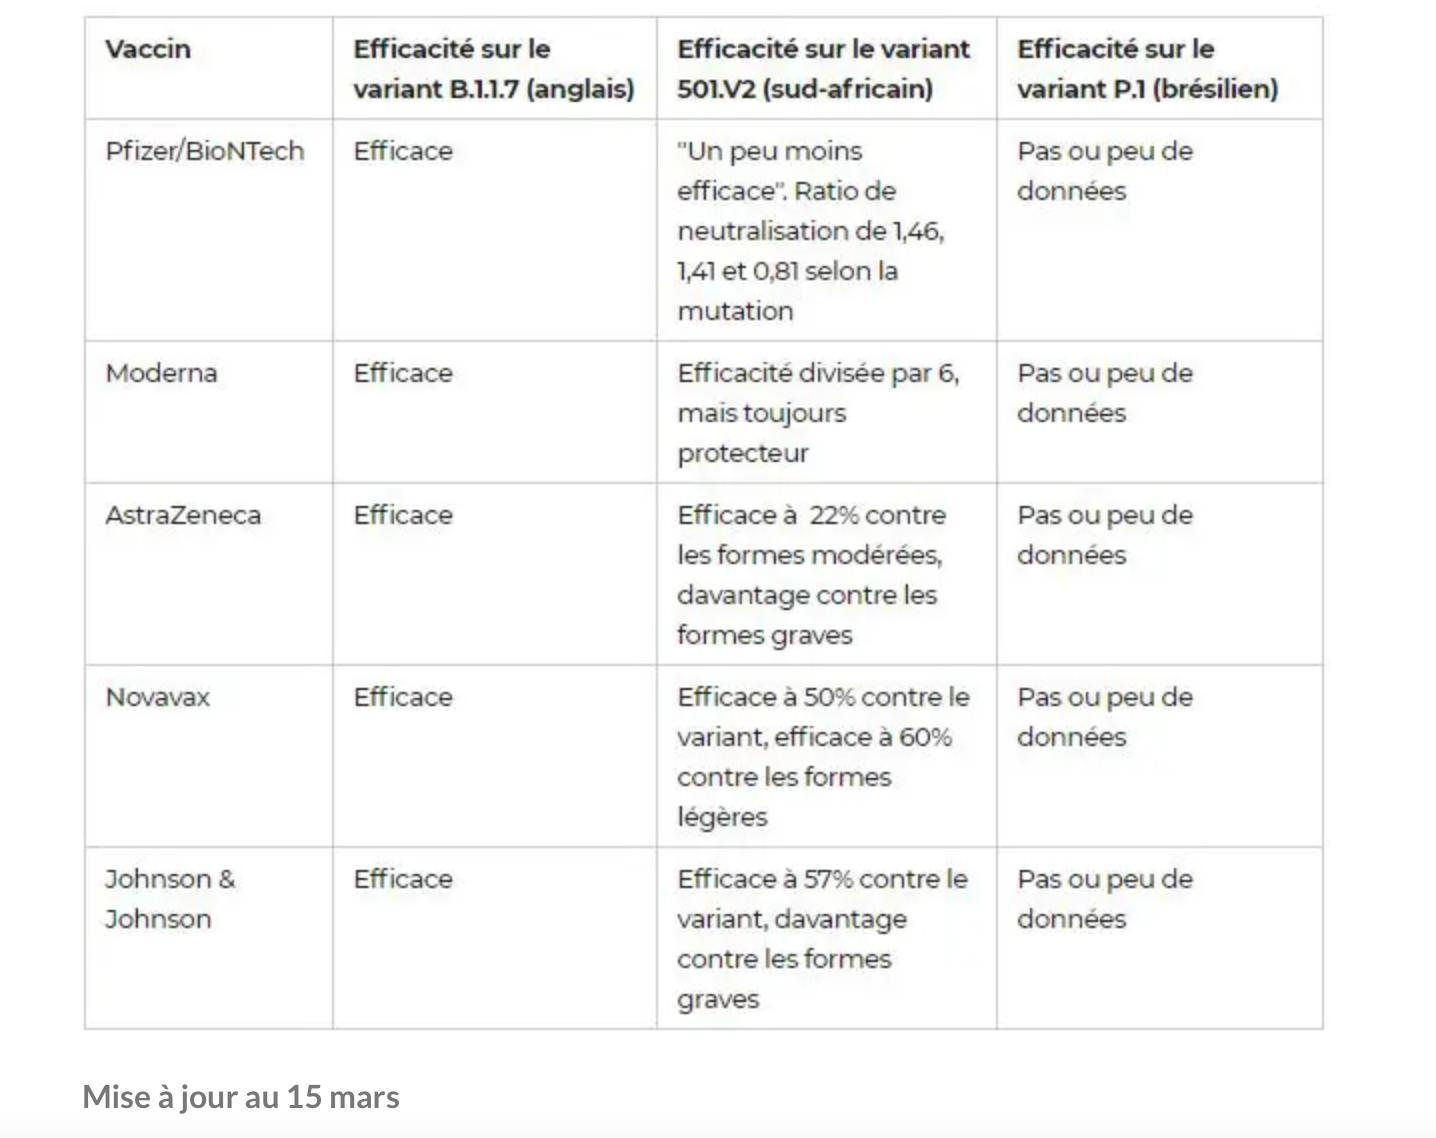 Le vrai bilan de l'efficacité du vaccin AstraZeneca. Et les dangers du principe de précaution.